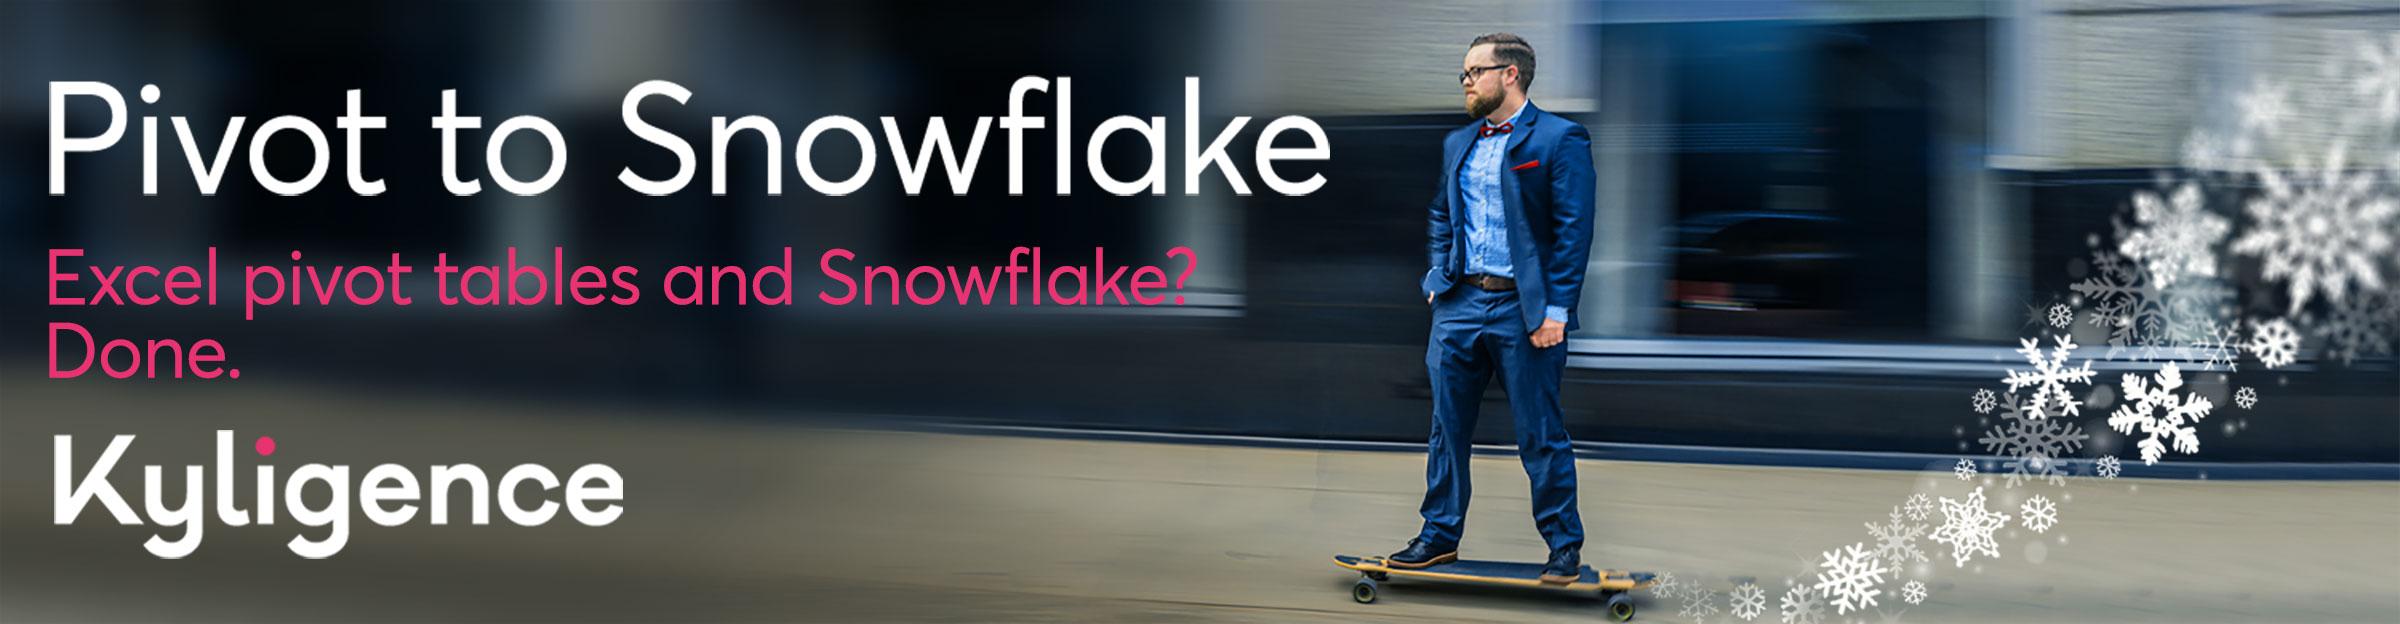 Banner - Pivottosnowflake.Kyligence.skatebrd.1